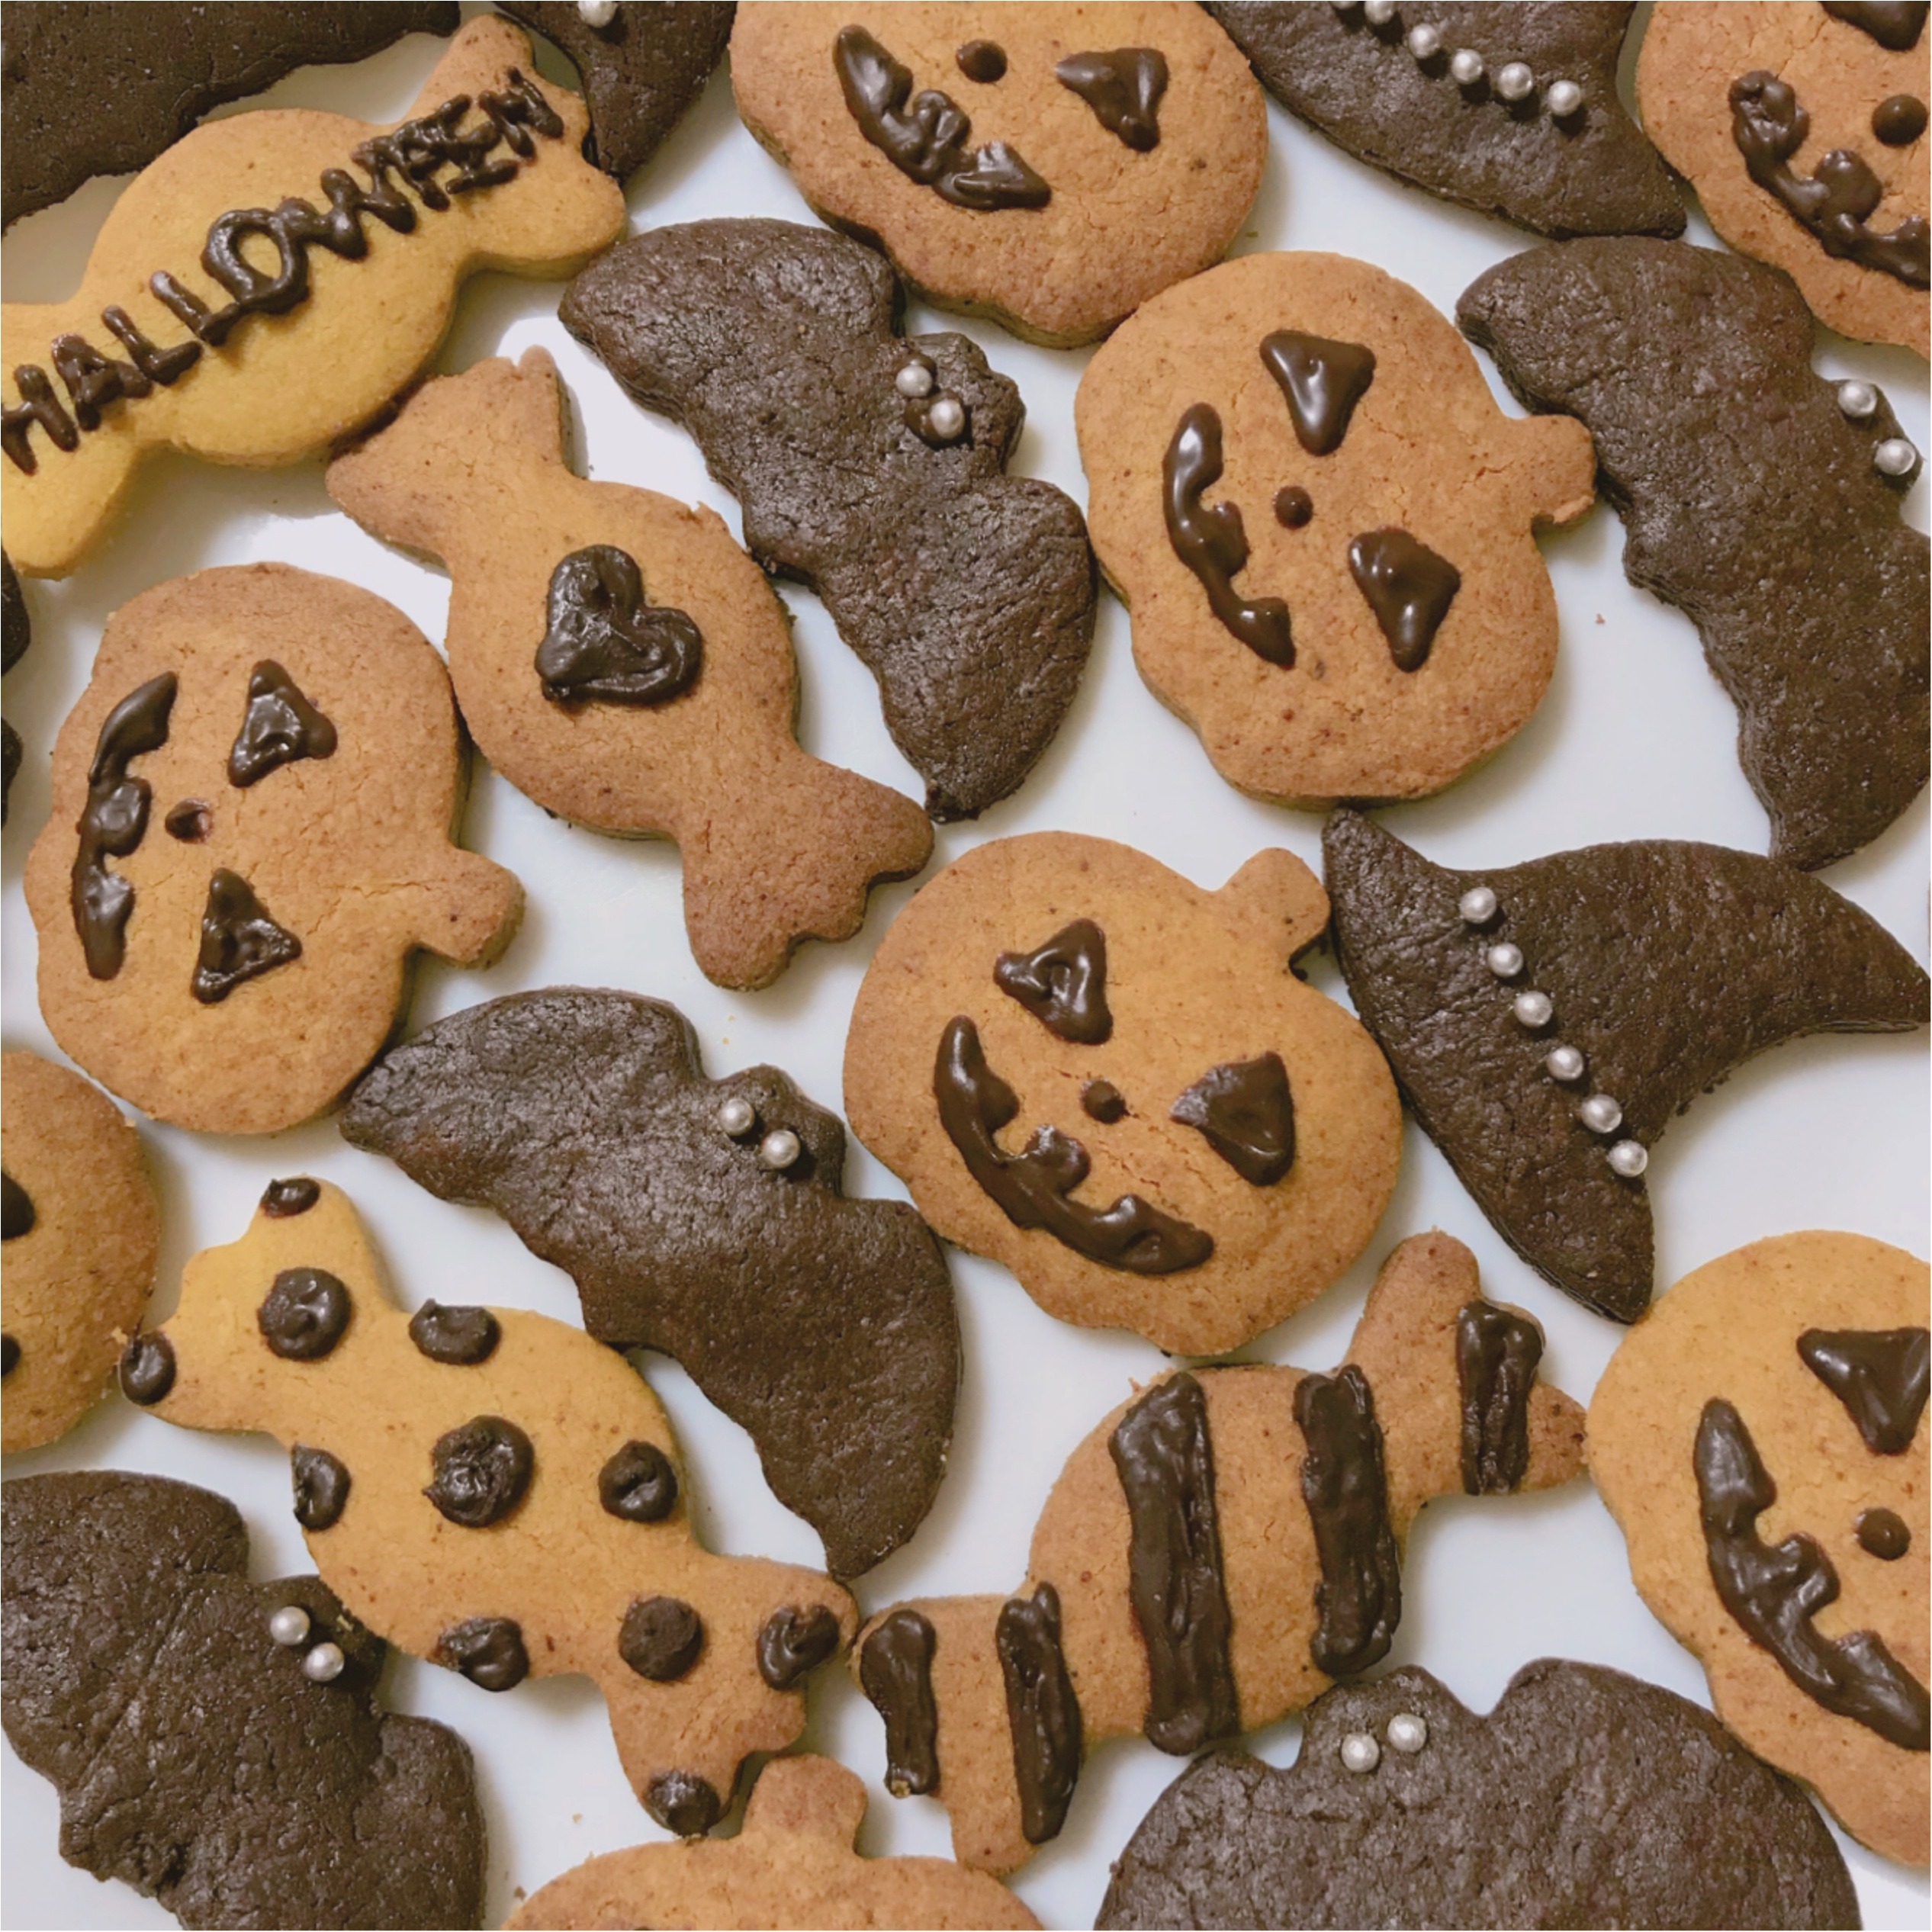 ハロウィンにおすすめ❤︎作るの簡単!【低糖質クッキー】材料も100均で揃っちゃいます♡_4